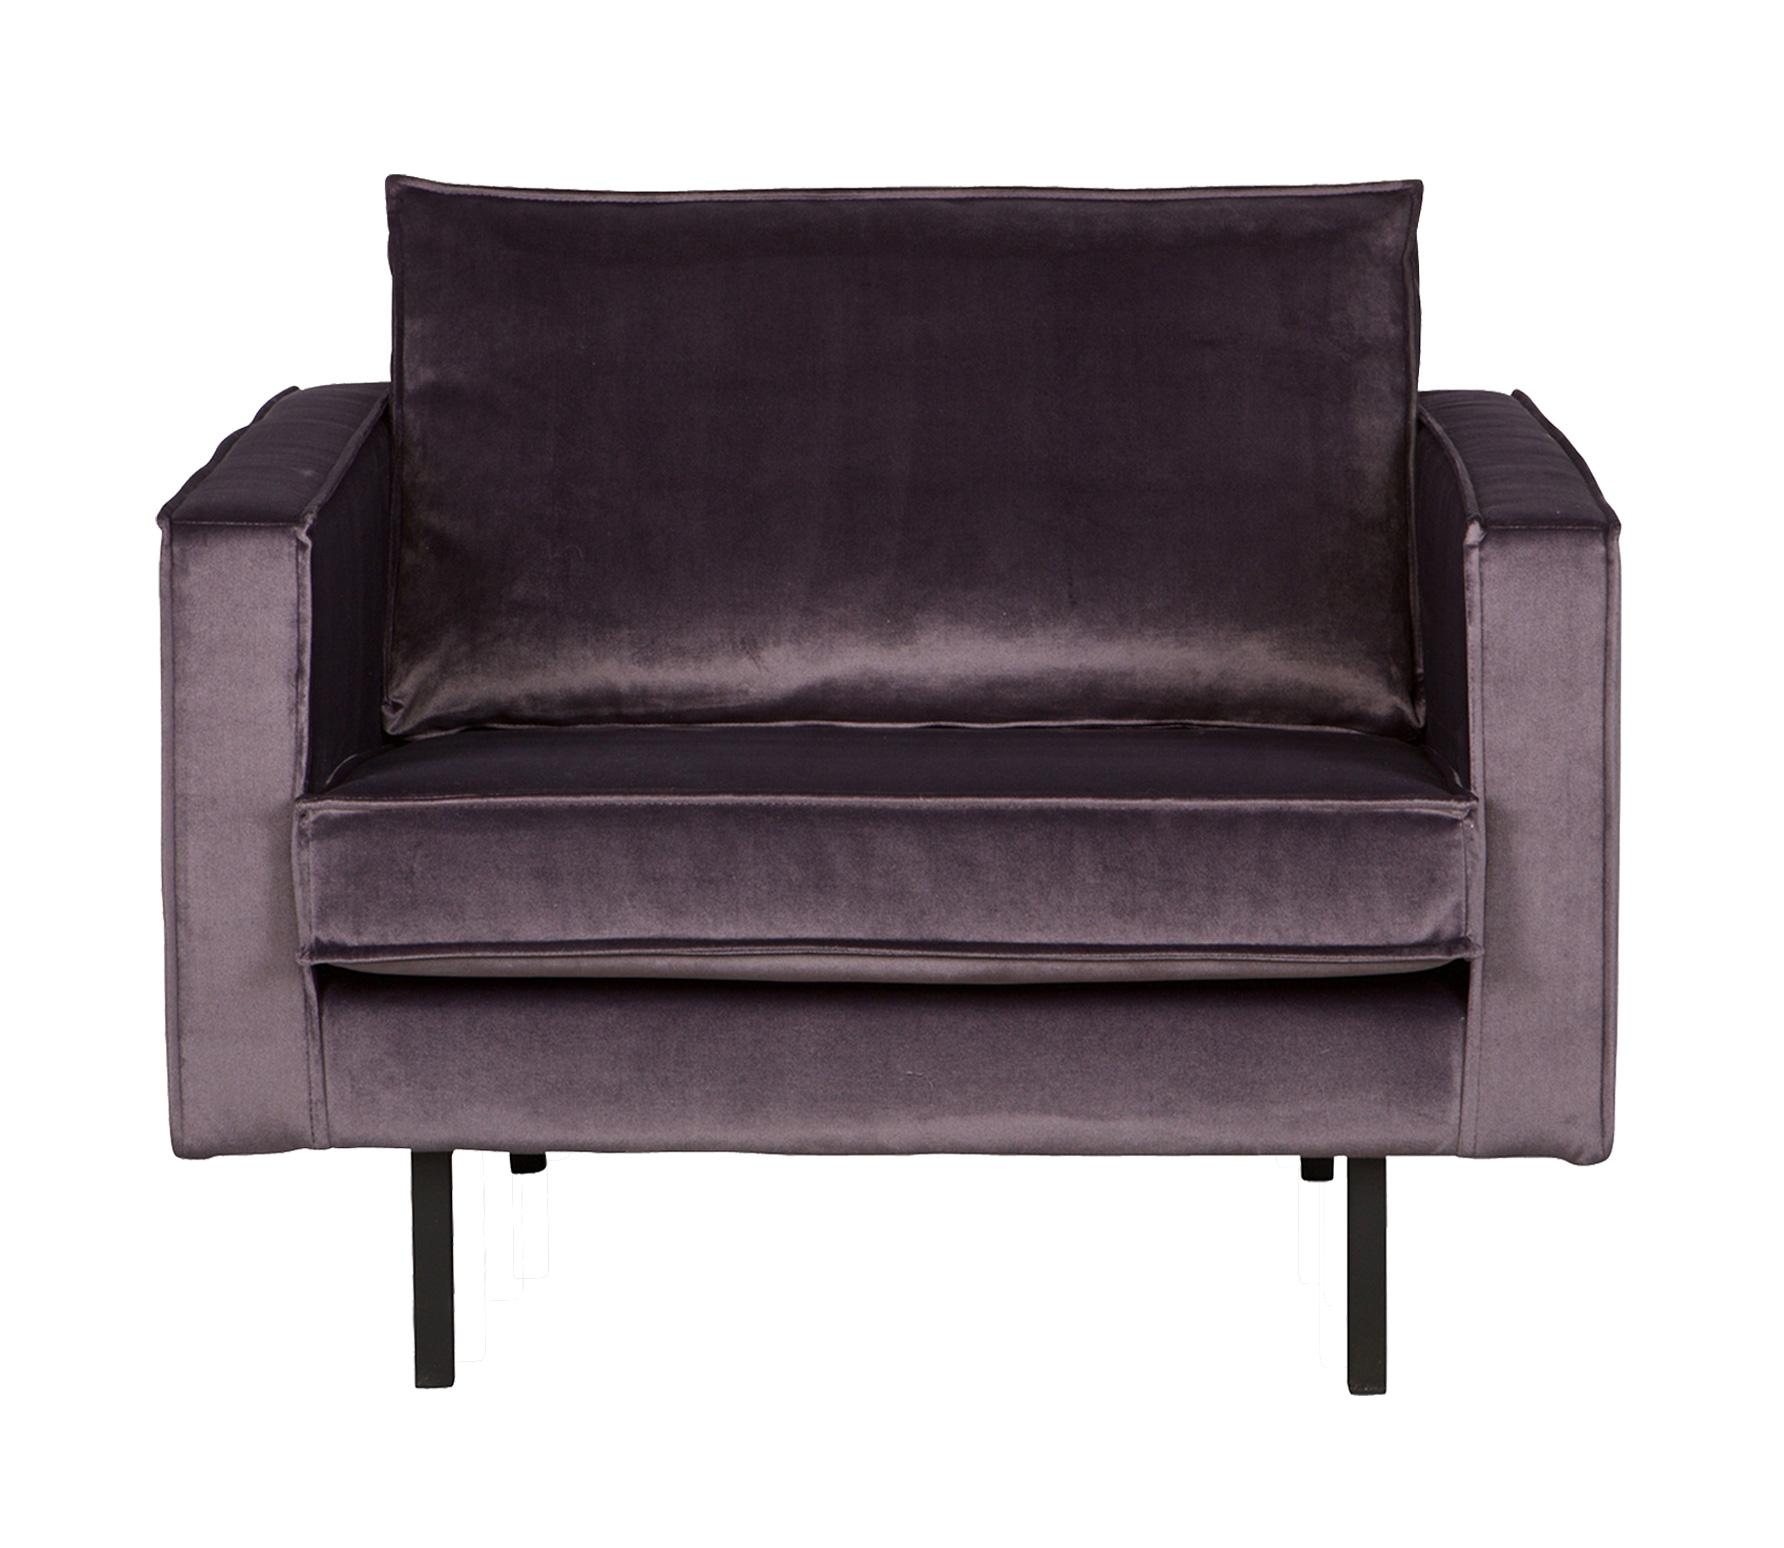 BePureHome Rodeo loveseat 1,5-zits fauteuil donkergrijs velvet